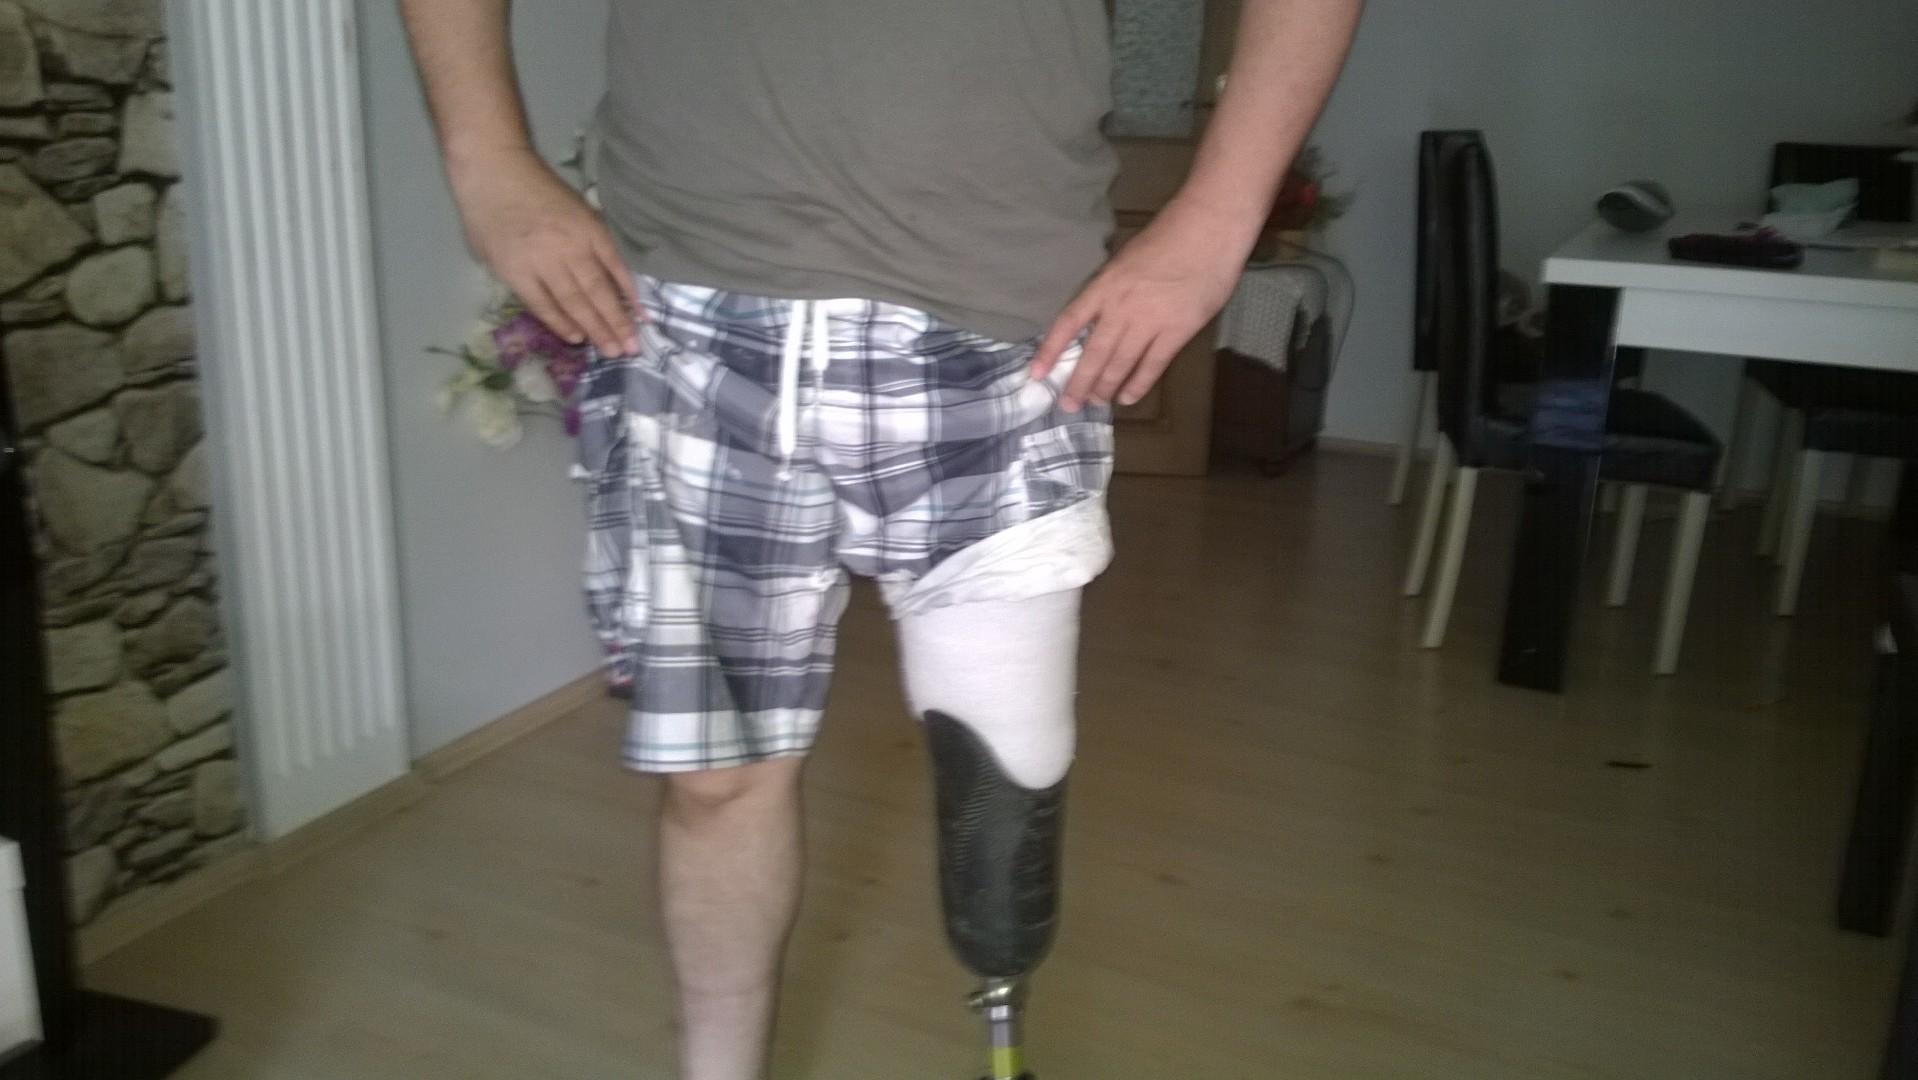 XoPbnk - Kendi protezimizi kendimiz yapabilir miyiz sorusunun cevabını arıyorum..?